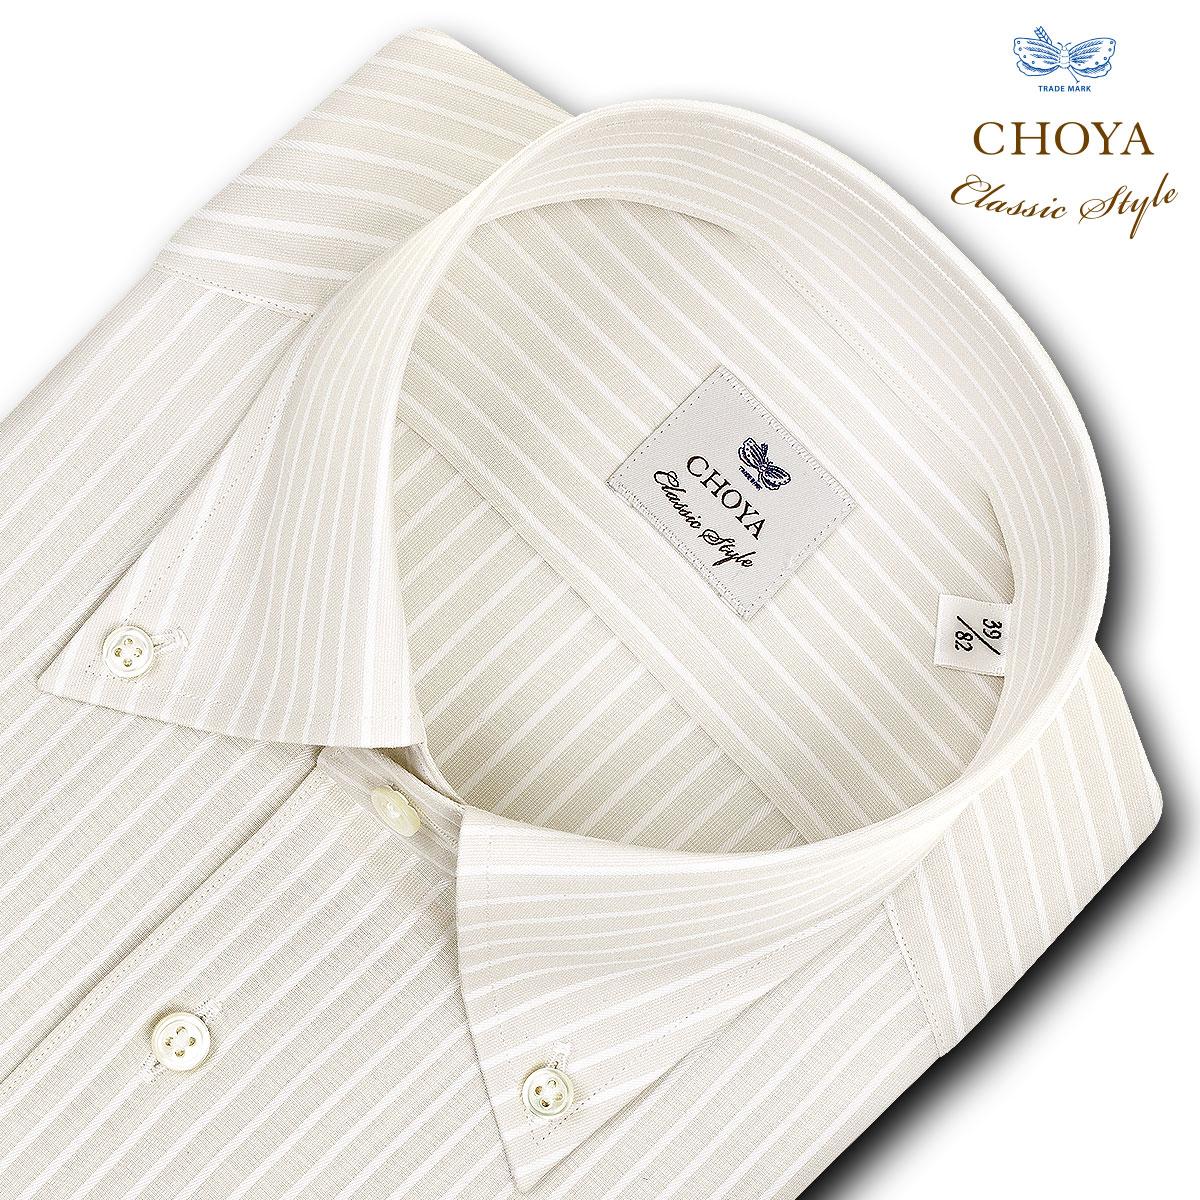 CHOYA Classic Style 長袖 ワイシャツ メンズ 春夏秋冬 綿100% ベージュストライプ ボタンダウンシャツ | 綿:100% ベージュ(ccd902-470)(191213des)